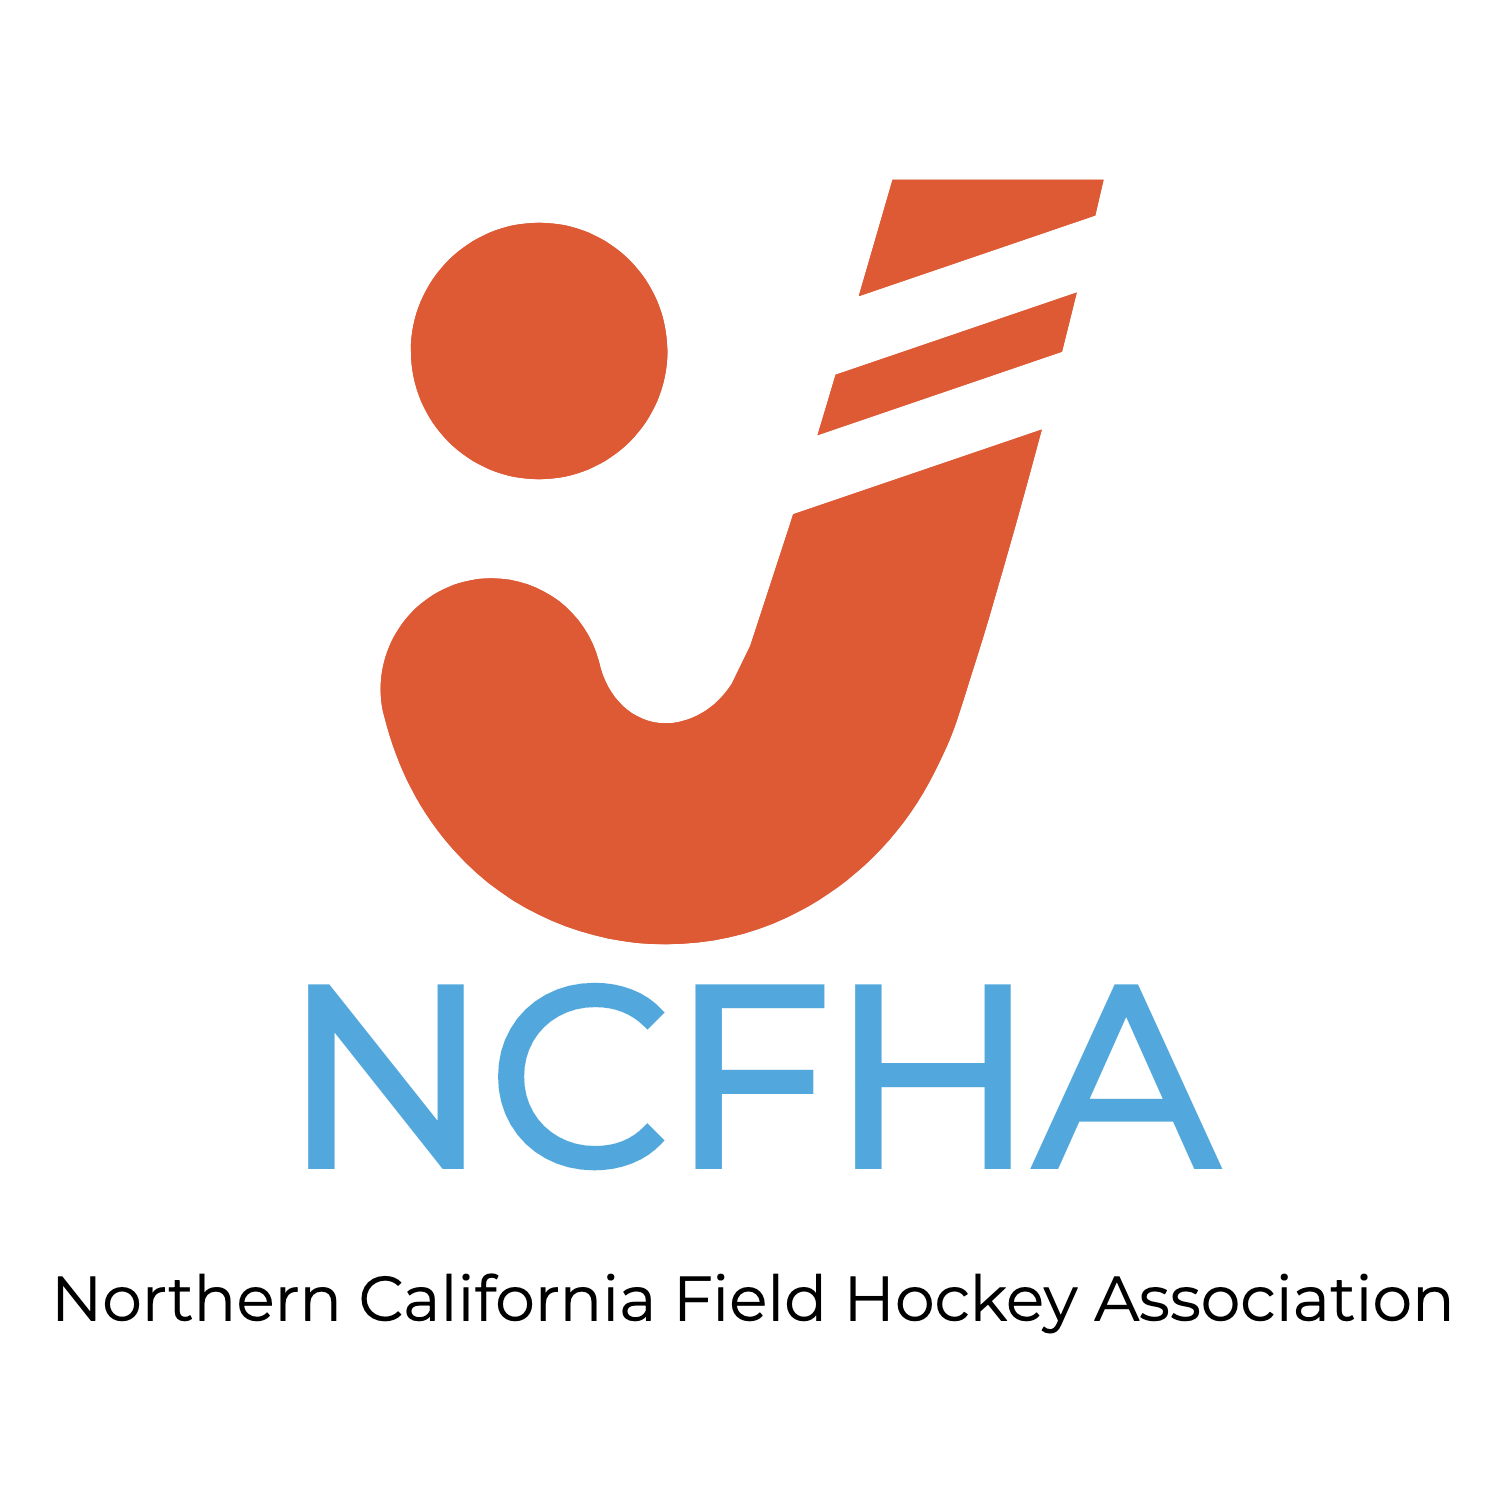 NCFHA-logo (2).png